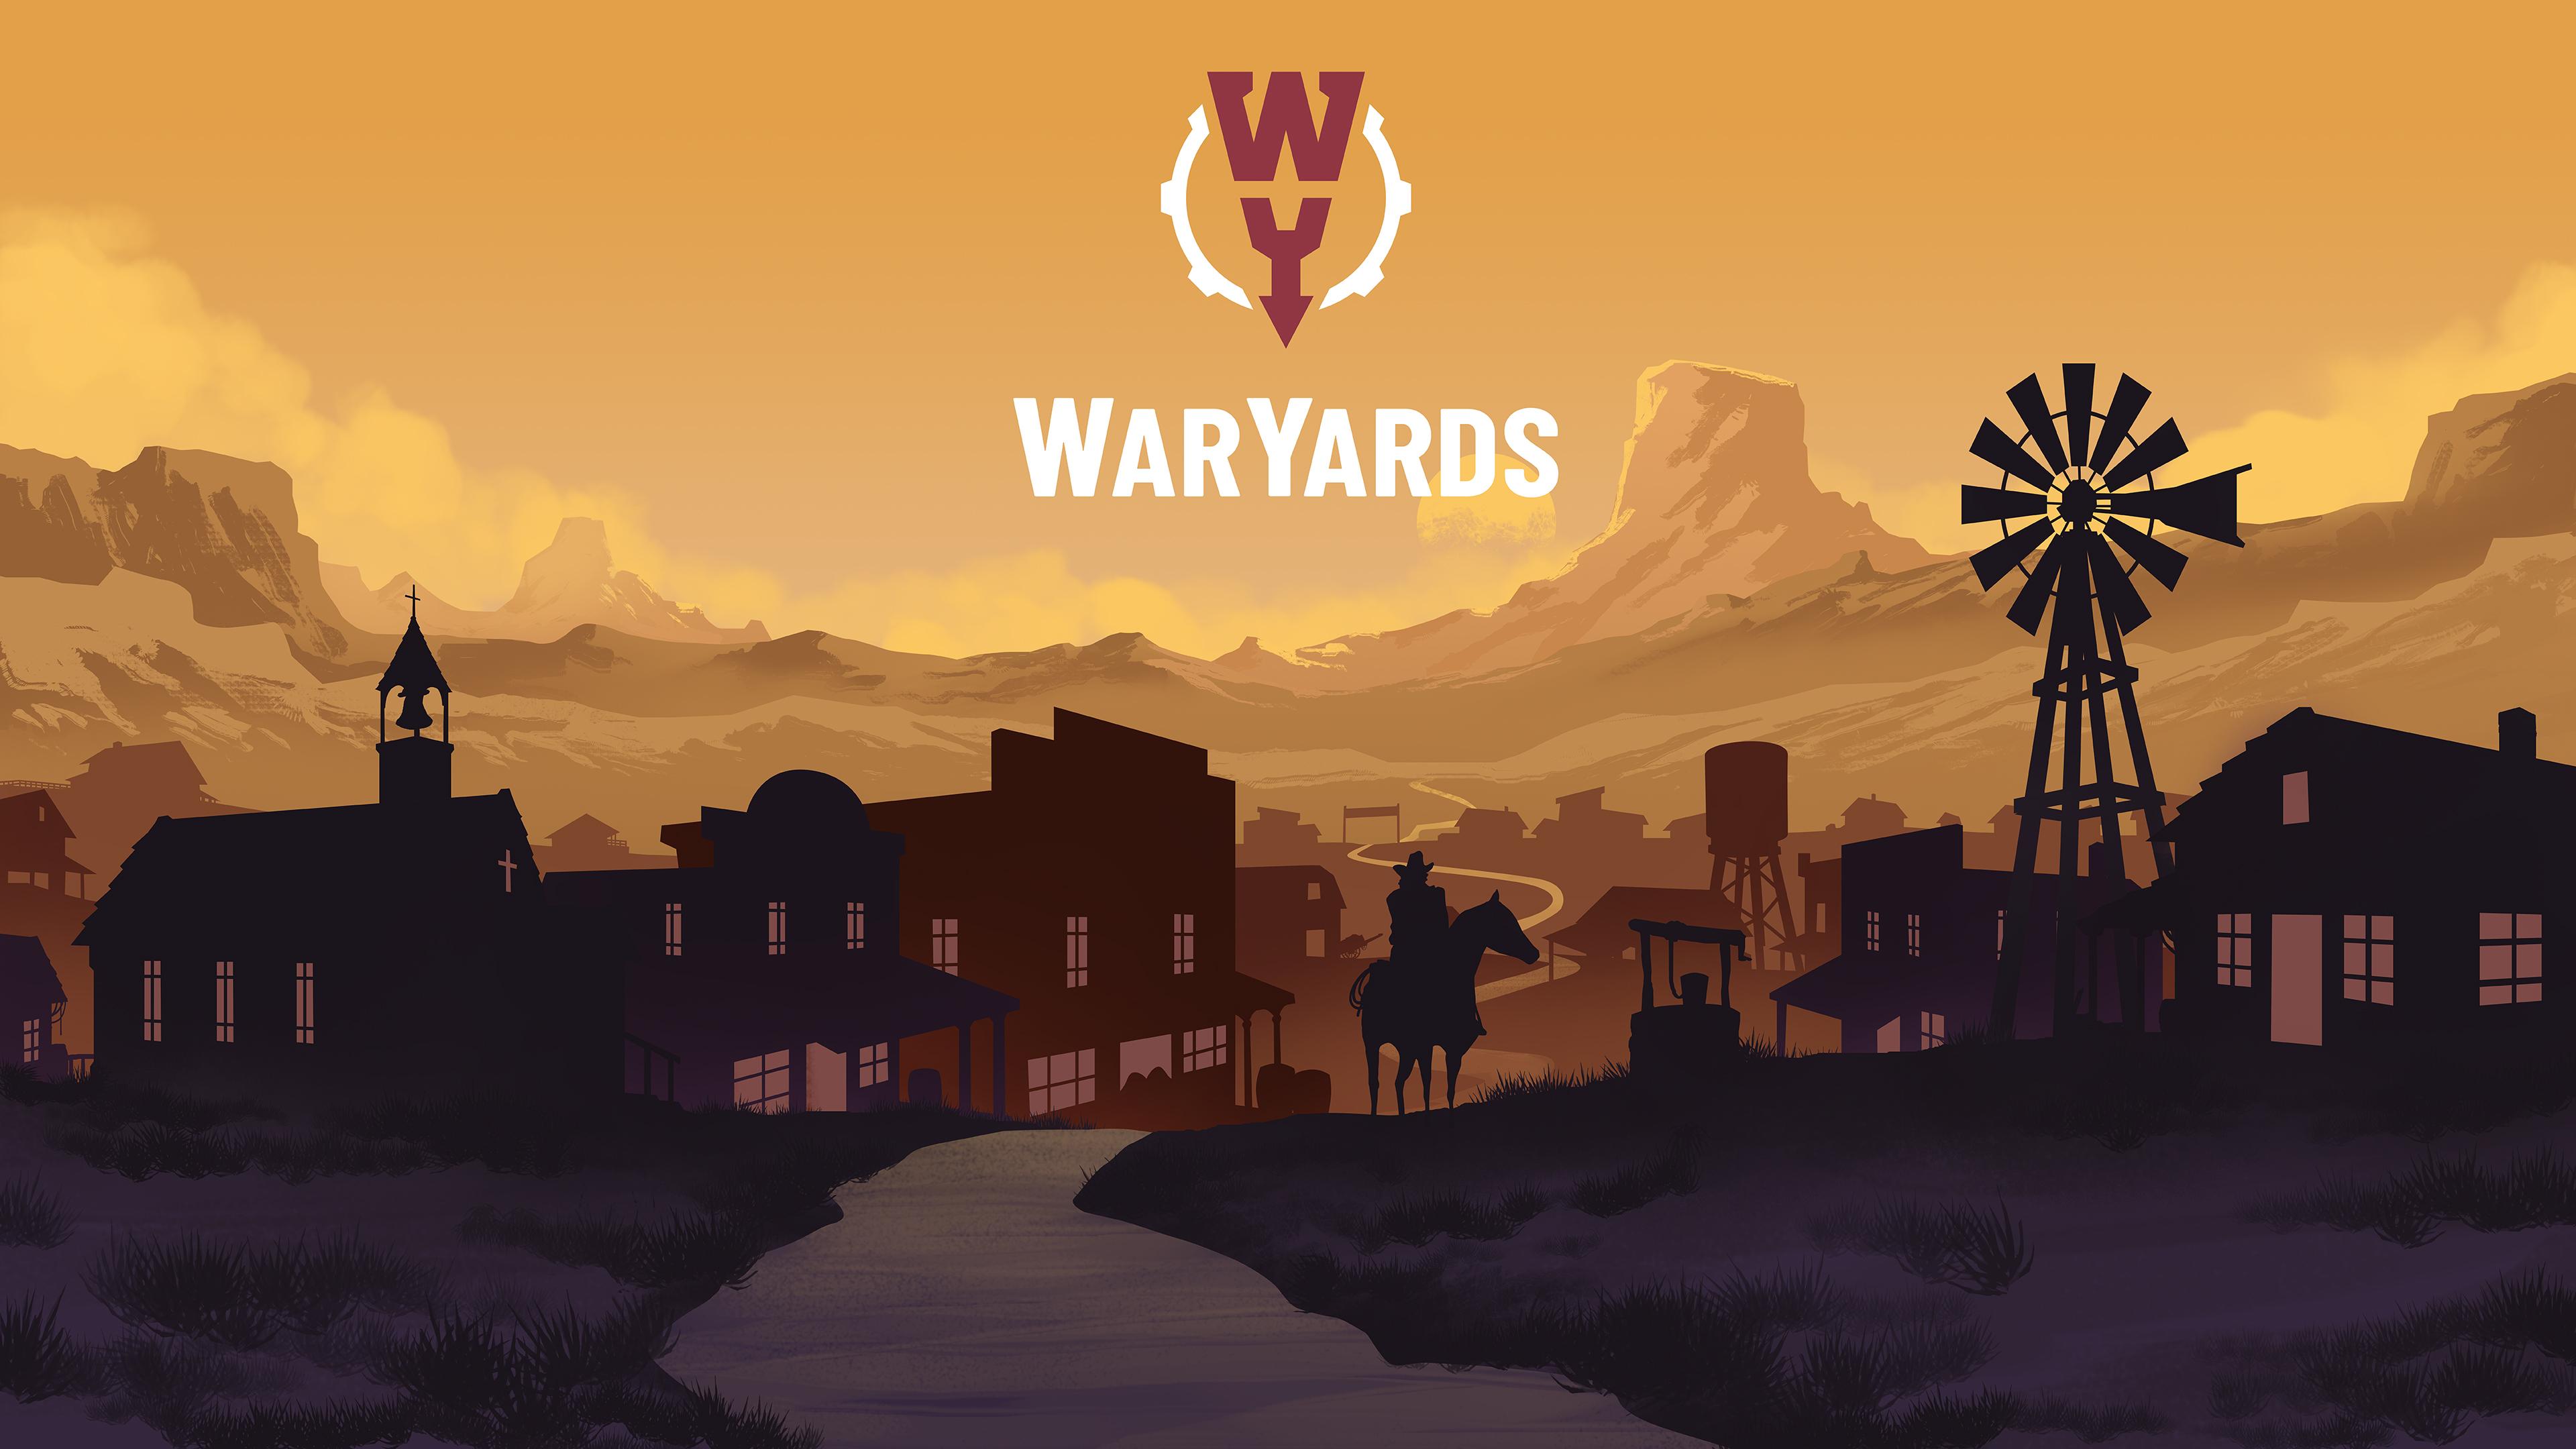 WarYards